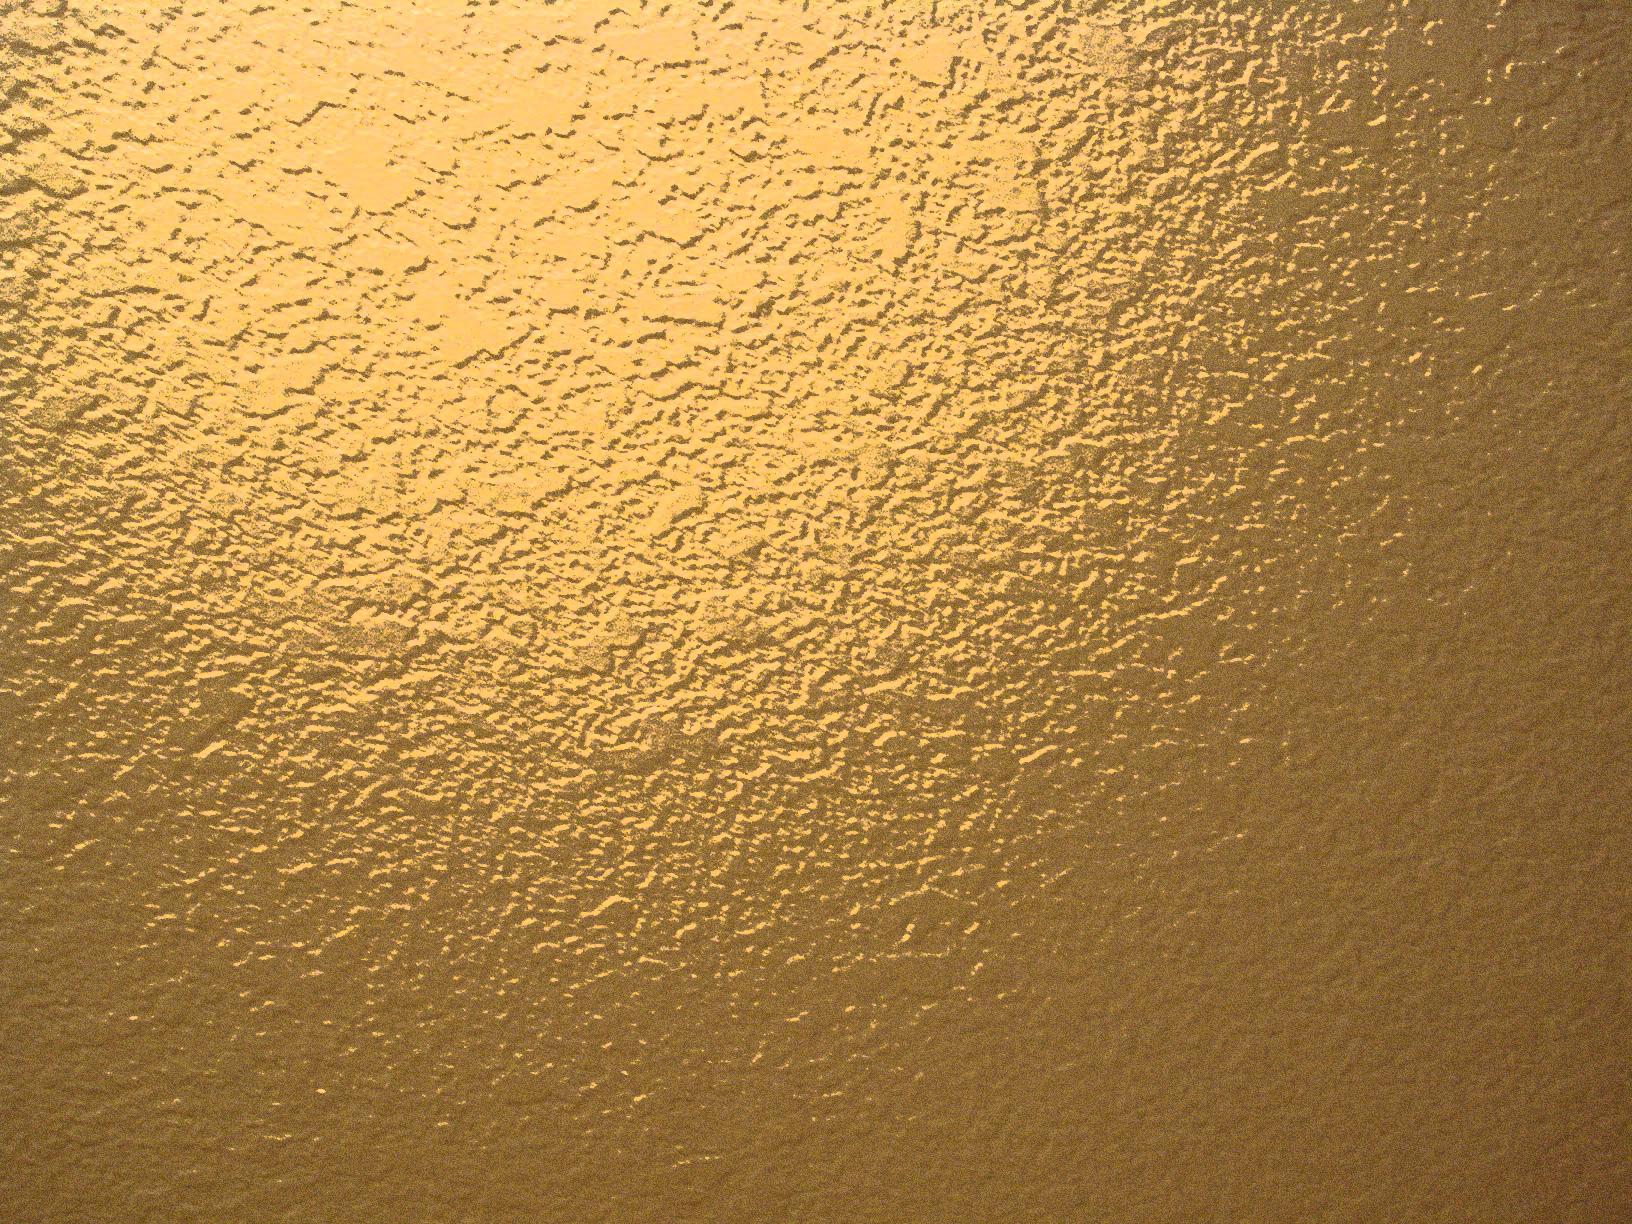 gold texture, золото текстура, фон, скачать фото, обои на рабочий стол